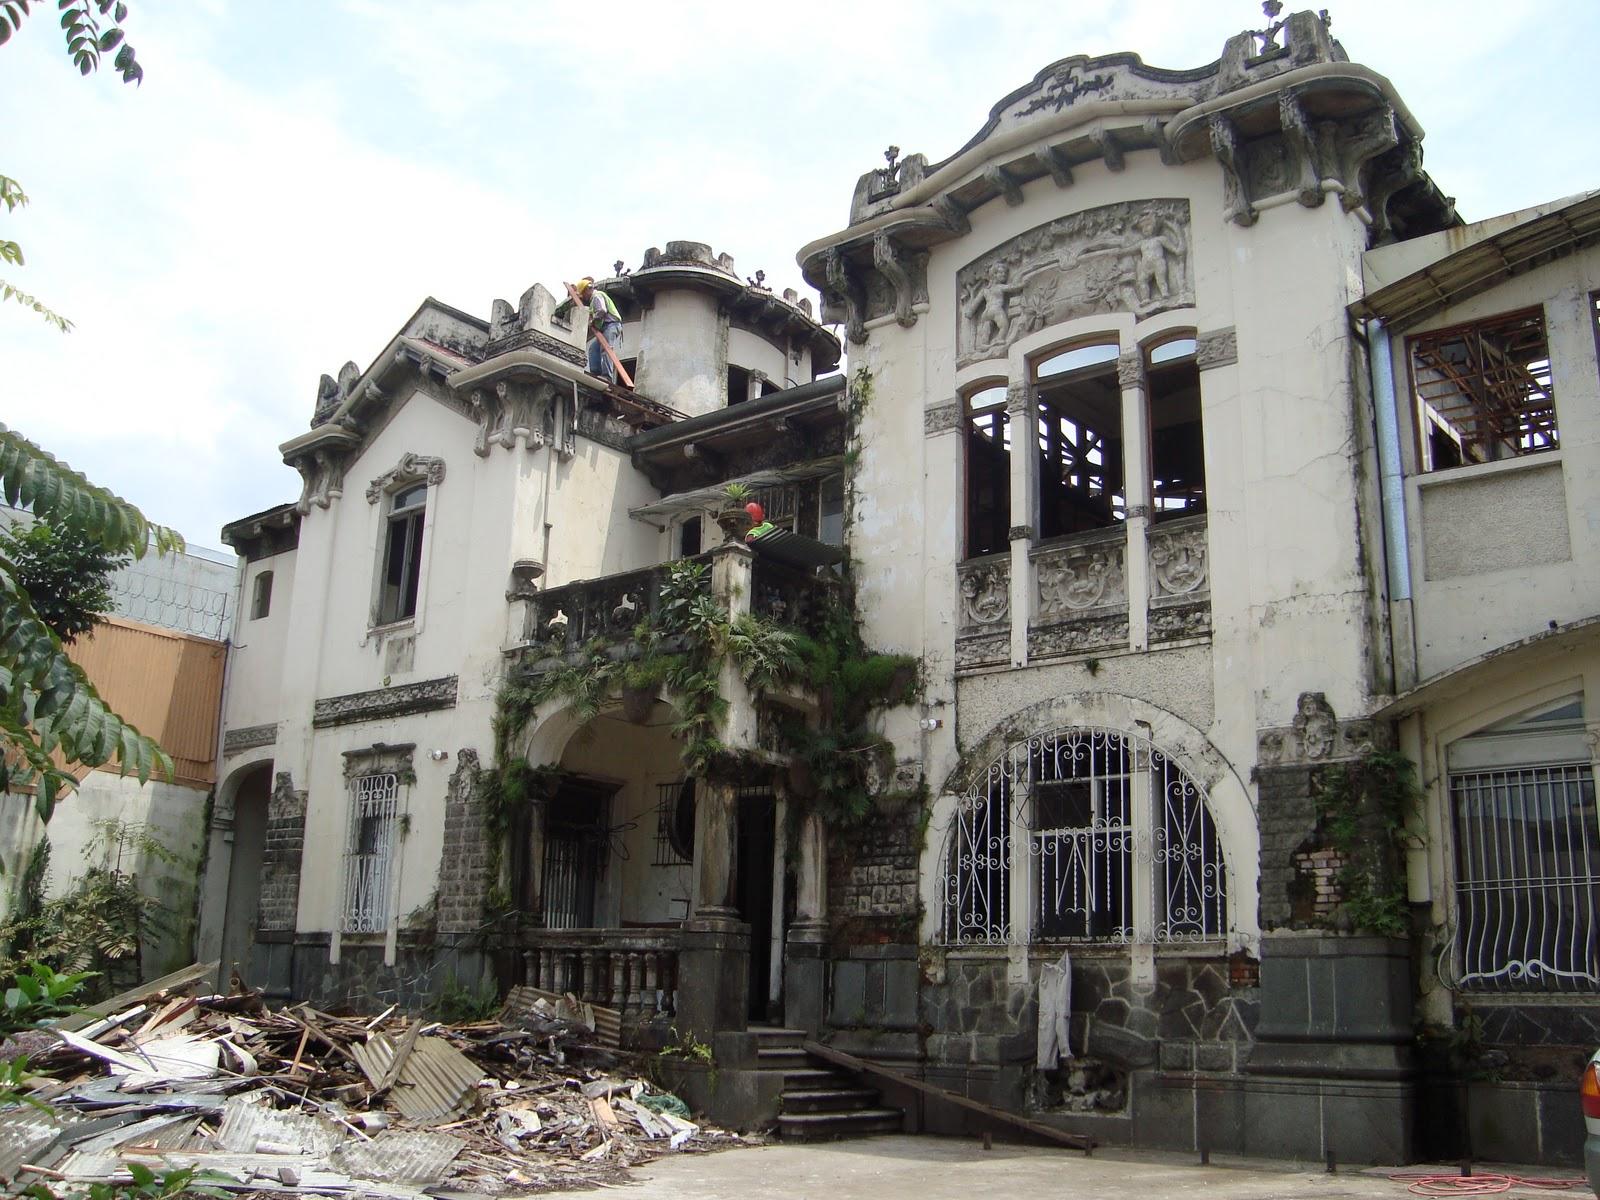 Paseos art nouveau art nouveau san jos costa rica 3 casa jim nez de la guardia for La maison des artisans